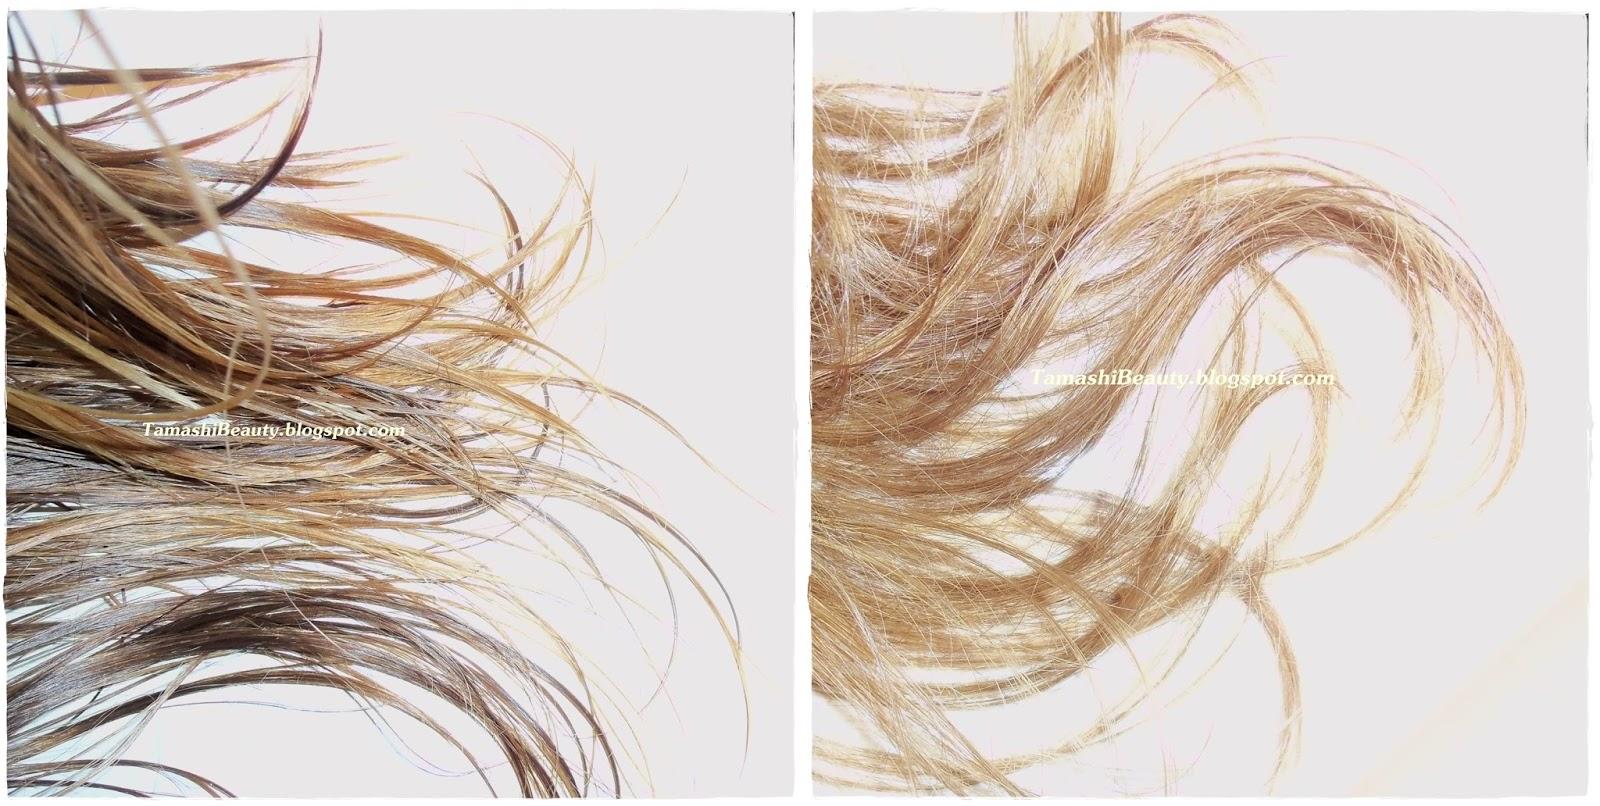 Los cabellos cura como es necesario